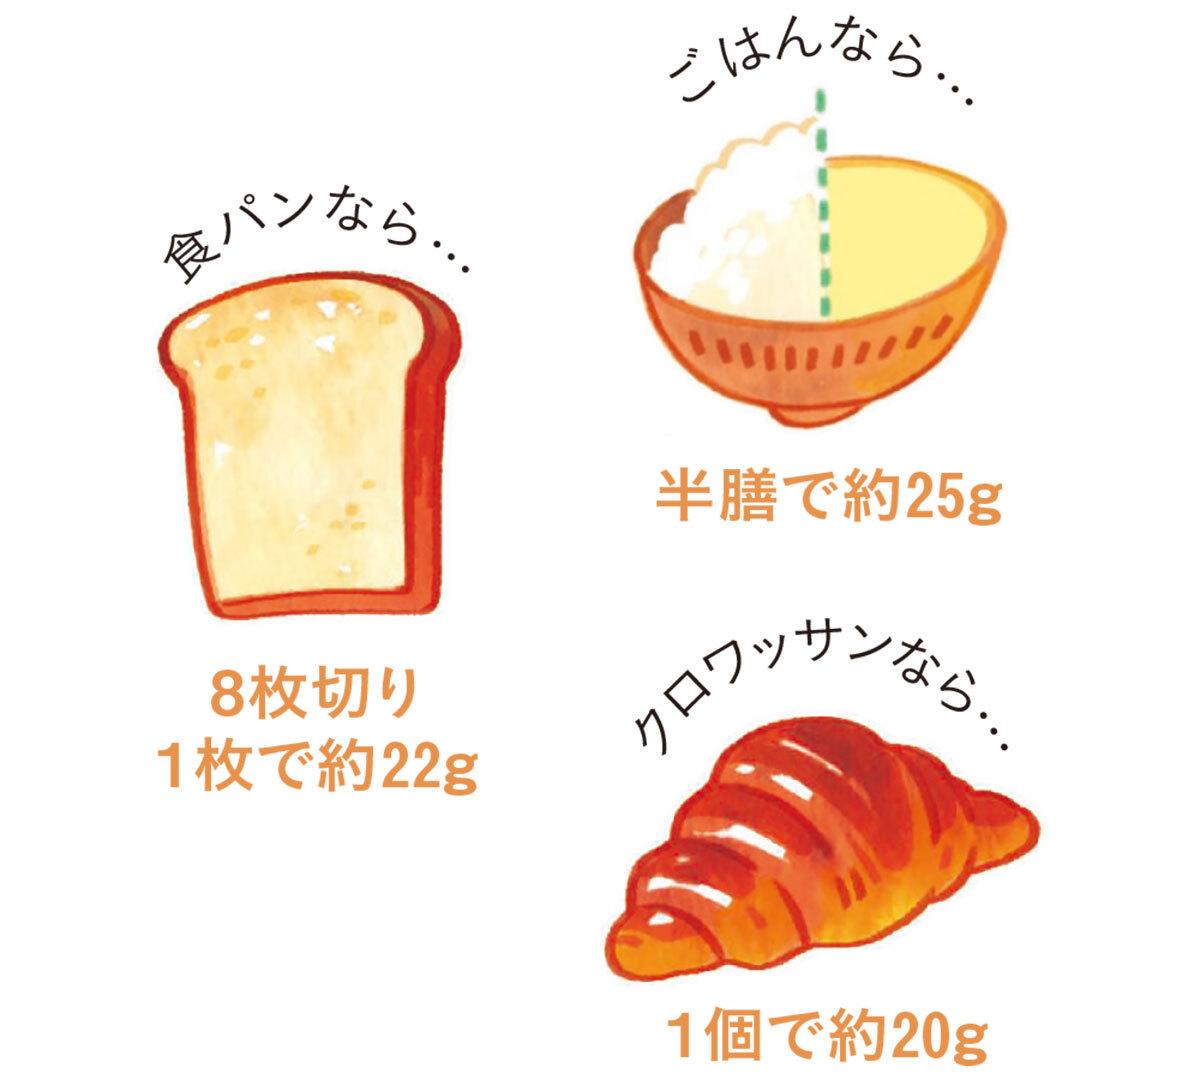 糖質量の目安。食パンなら8枚切り1枚で約22グラム、ごはんなら半膳で約25グラム、クロワッサンなら1個で約20グラム